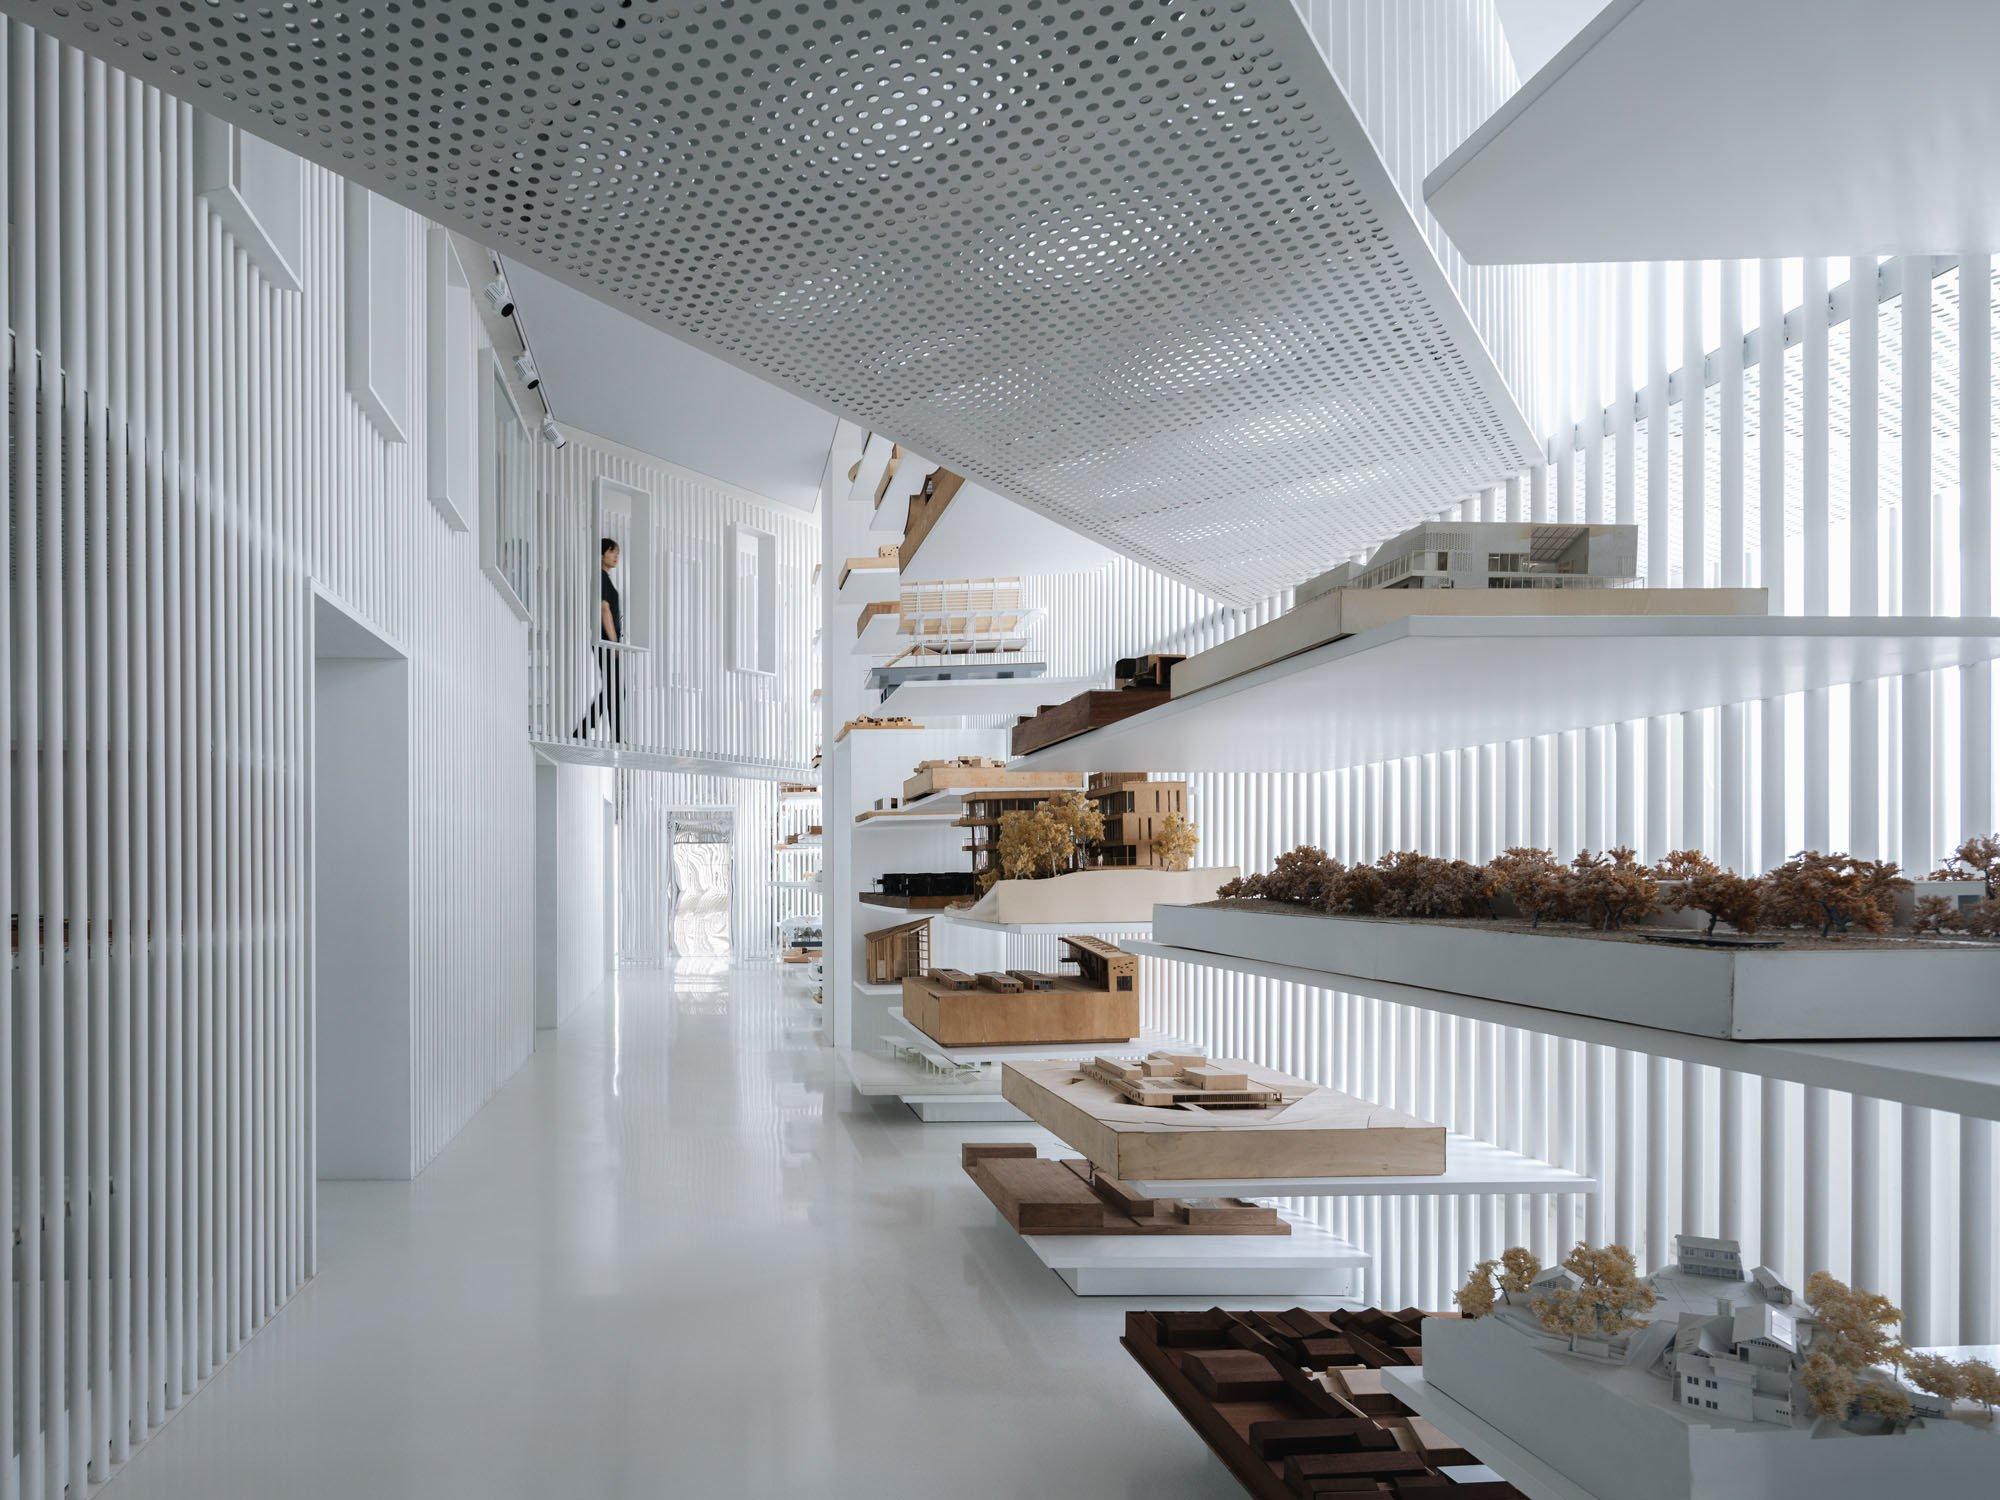 Im Firmengebäude von Fengyuzhu entstand eine eintausend Quadratmeter große Ausstellungsfläche, in der Arbeiten chinesischer Architekturbüros präsentiert werden – von gebauten wie ungebauten Projekten gleichermaßen.